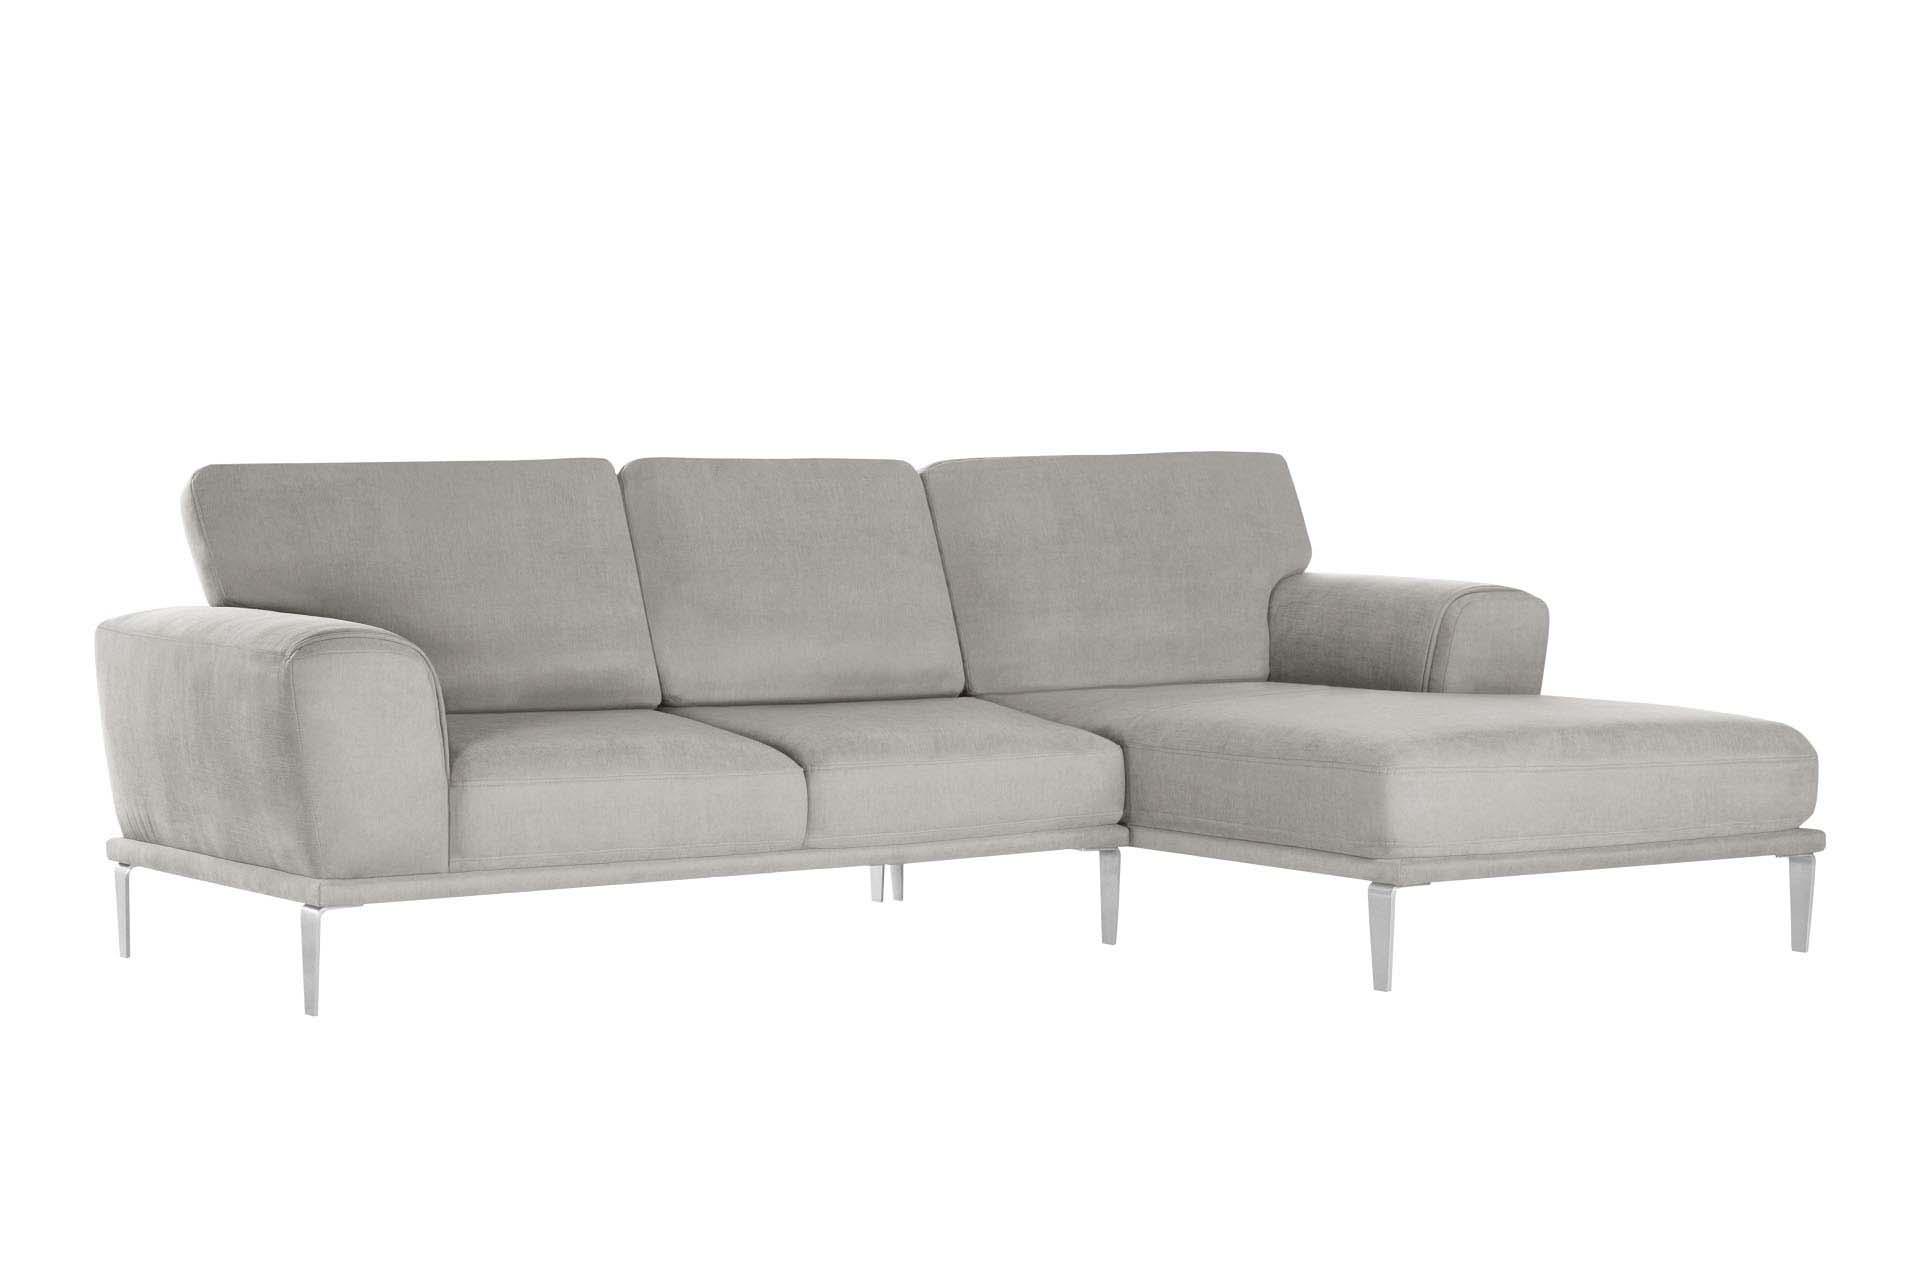 L'Officiel Interiors Canapé d'angle droit 5 places toucher coton gris clair